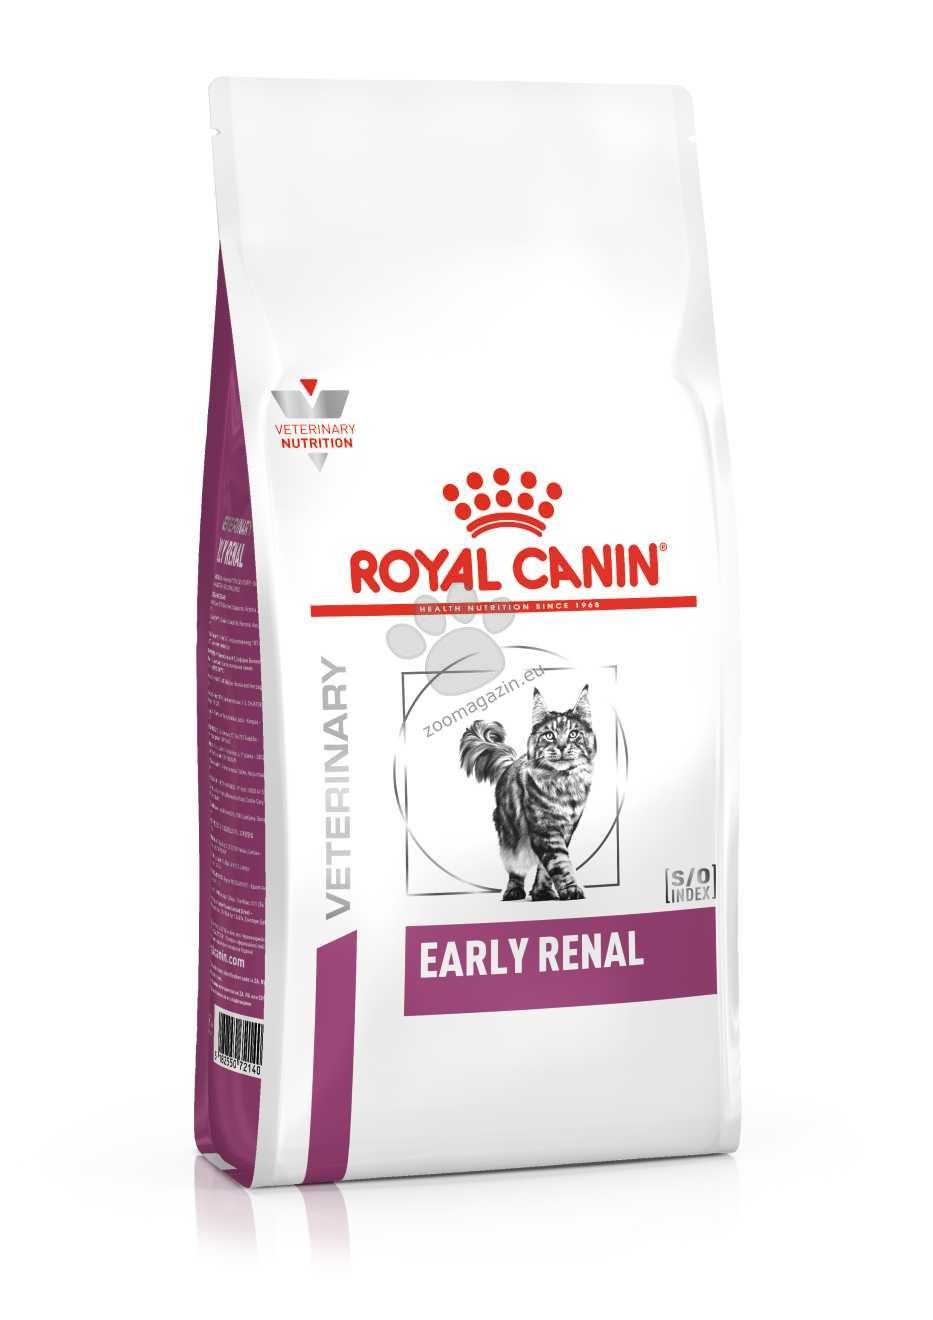 Royal Canin Early Renal - суха храна за котки със стадий 1 на хронична бъбречна недостатъчност 1.5 кг.